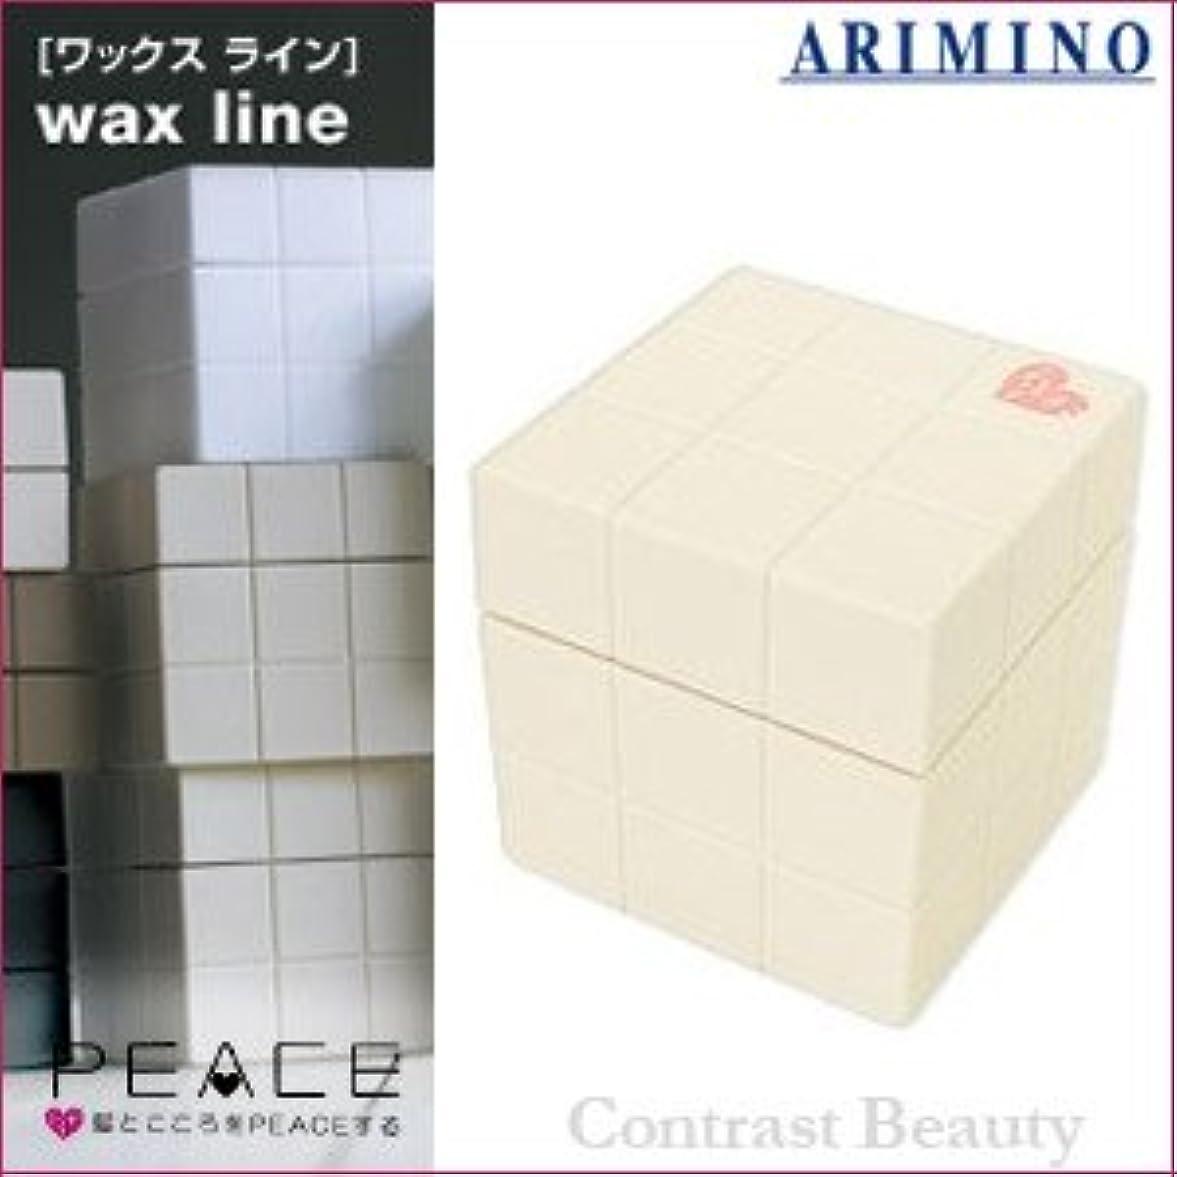 咲く湿地電気【X3個セット】 アリミノ ピース プロデザインシリーズ ニュアンスワックス バニラ 80g ARIMINO